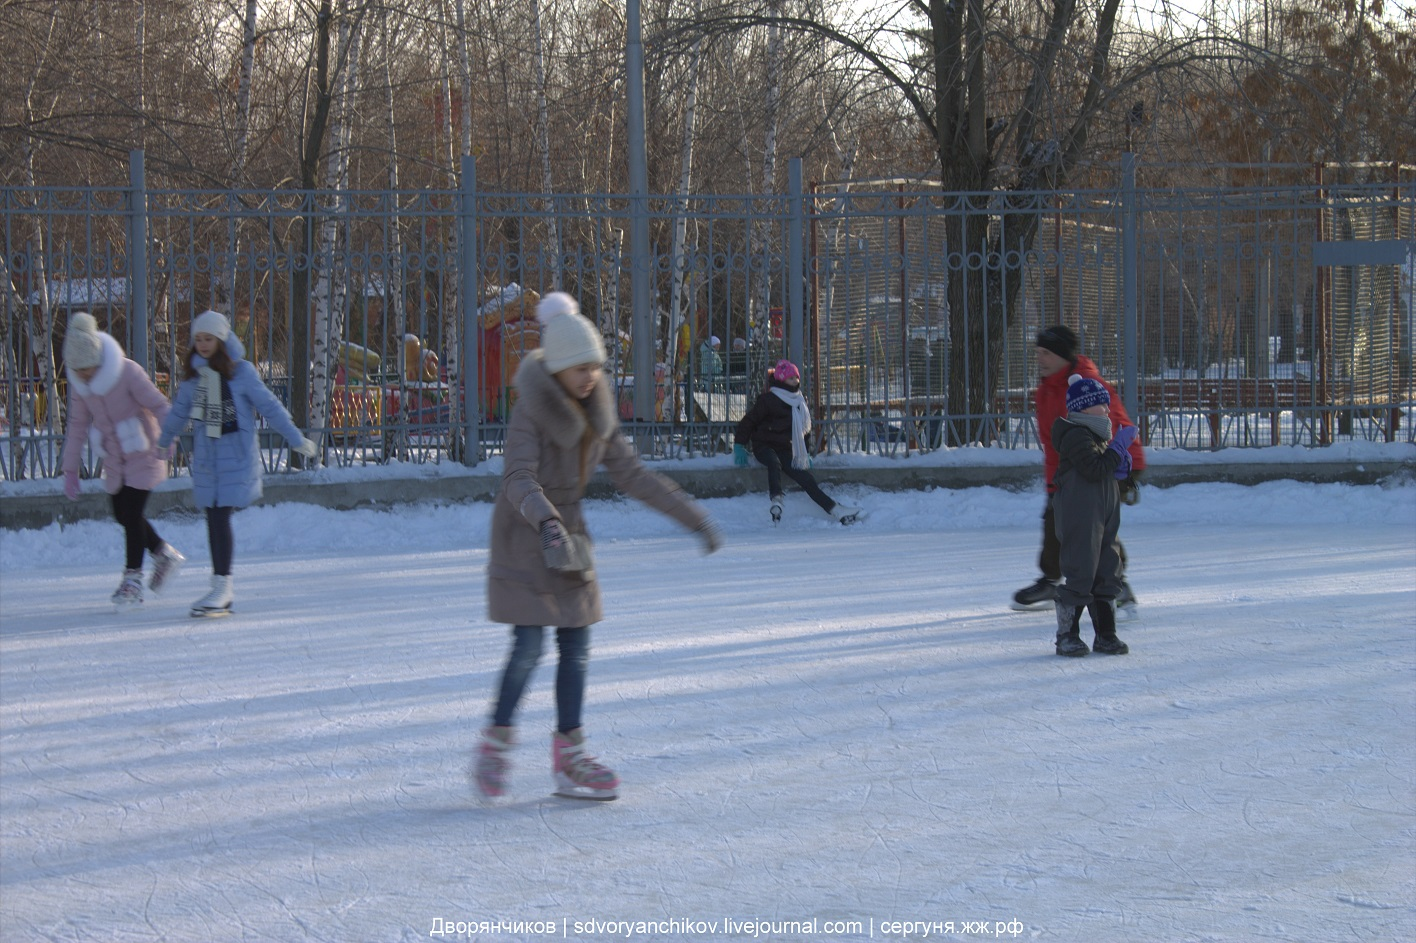 Каток в парке ВГС - 10 января 2017